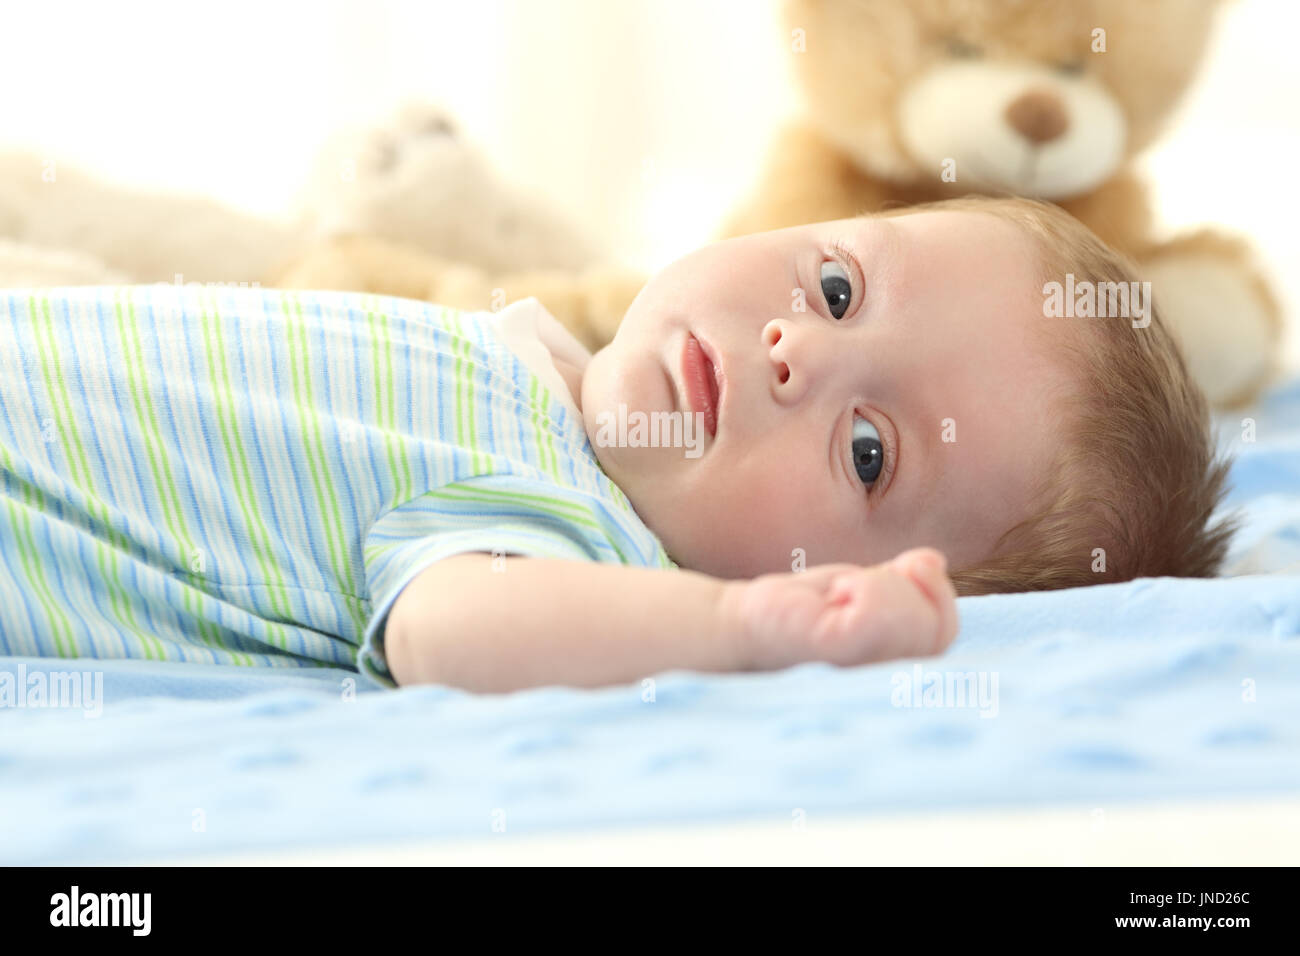 Porträt eines Babys auf einem Bett liegend und mit Blick auf Sie Stockfoto